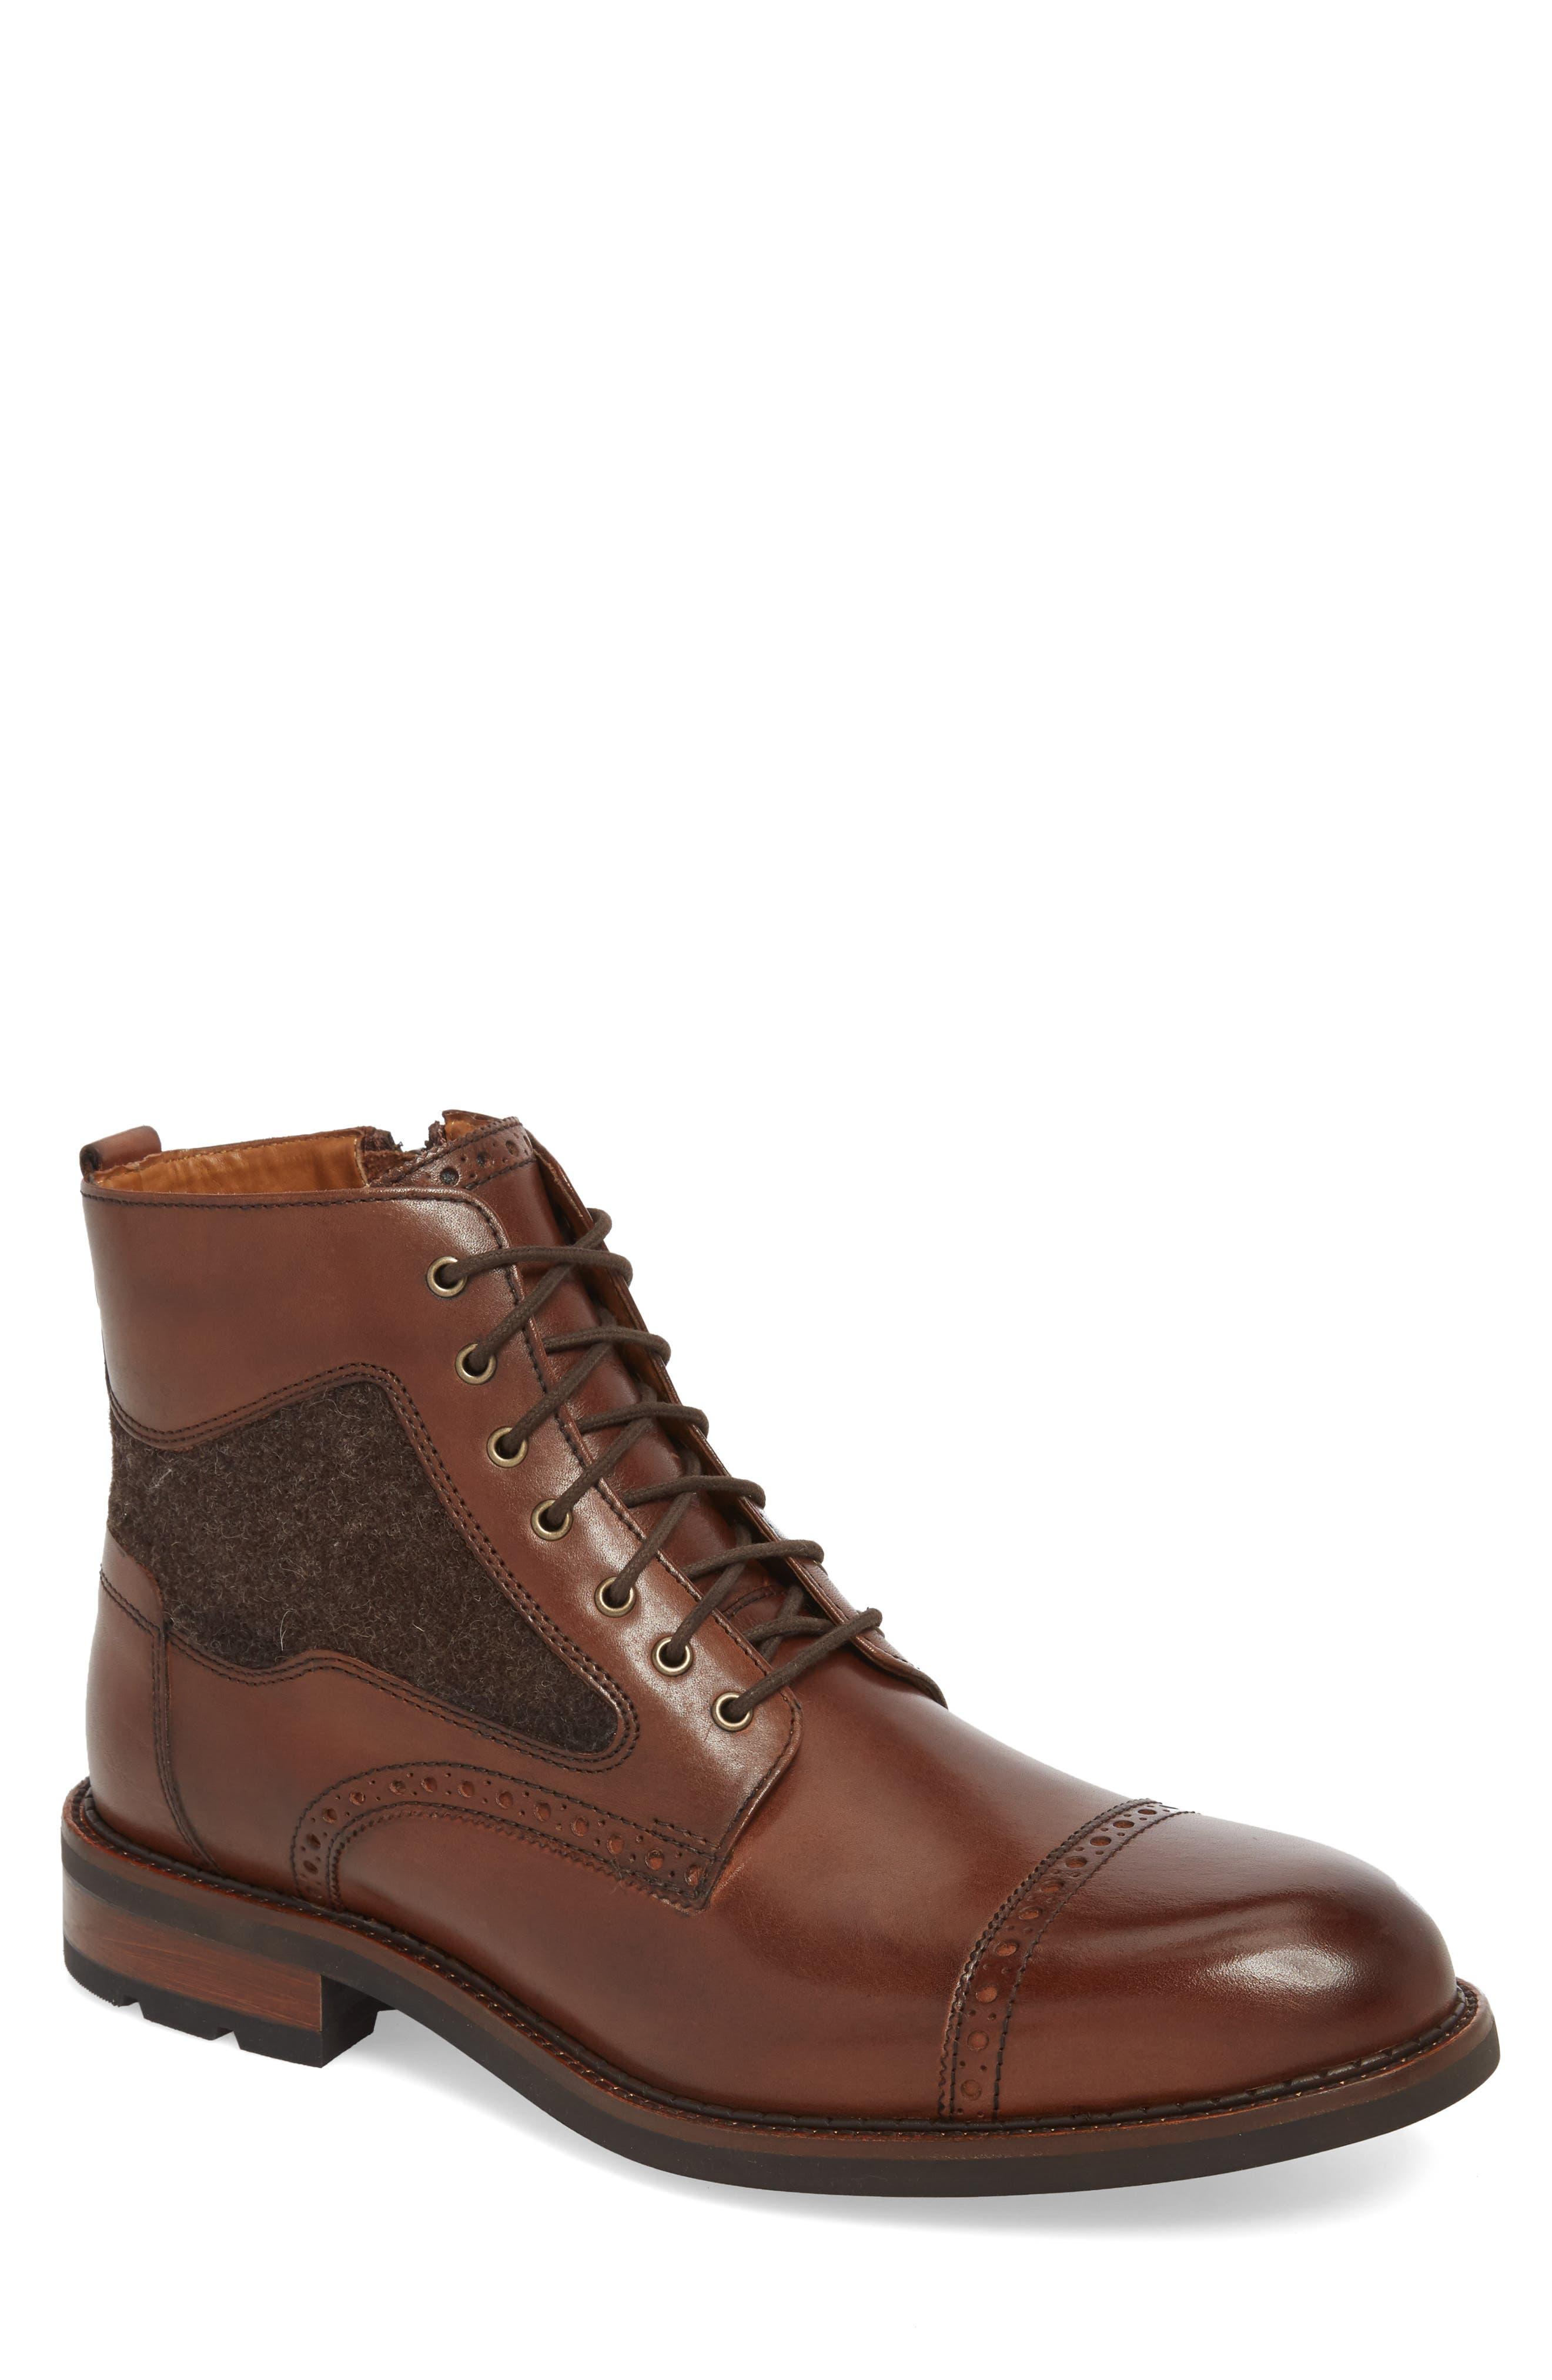 Fullerton Zip Boot,                         Main,                         color, MAHOGANY